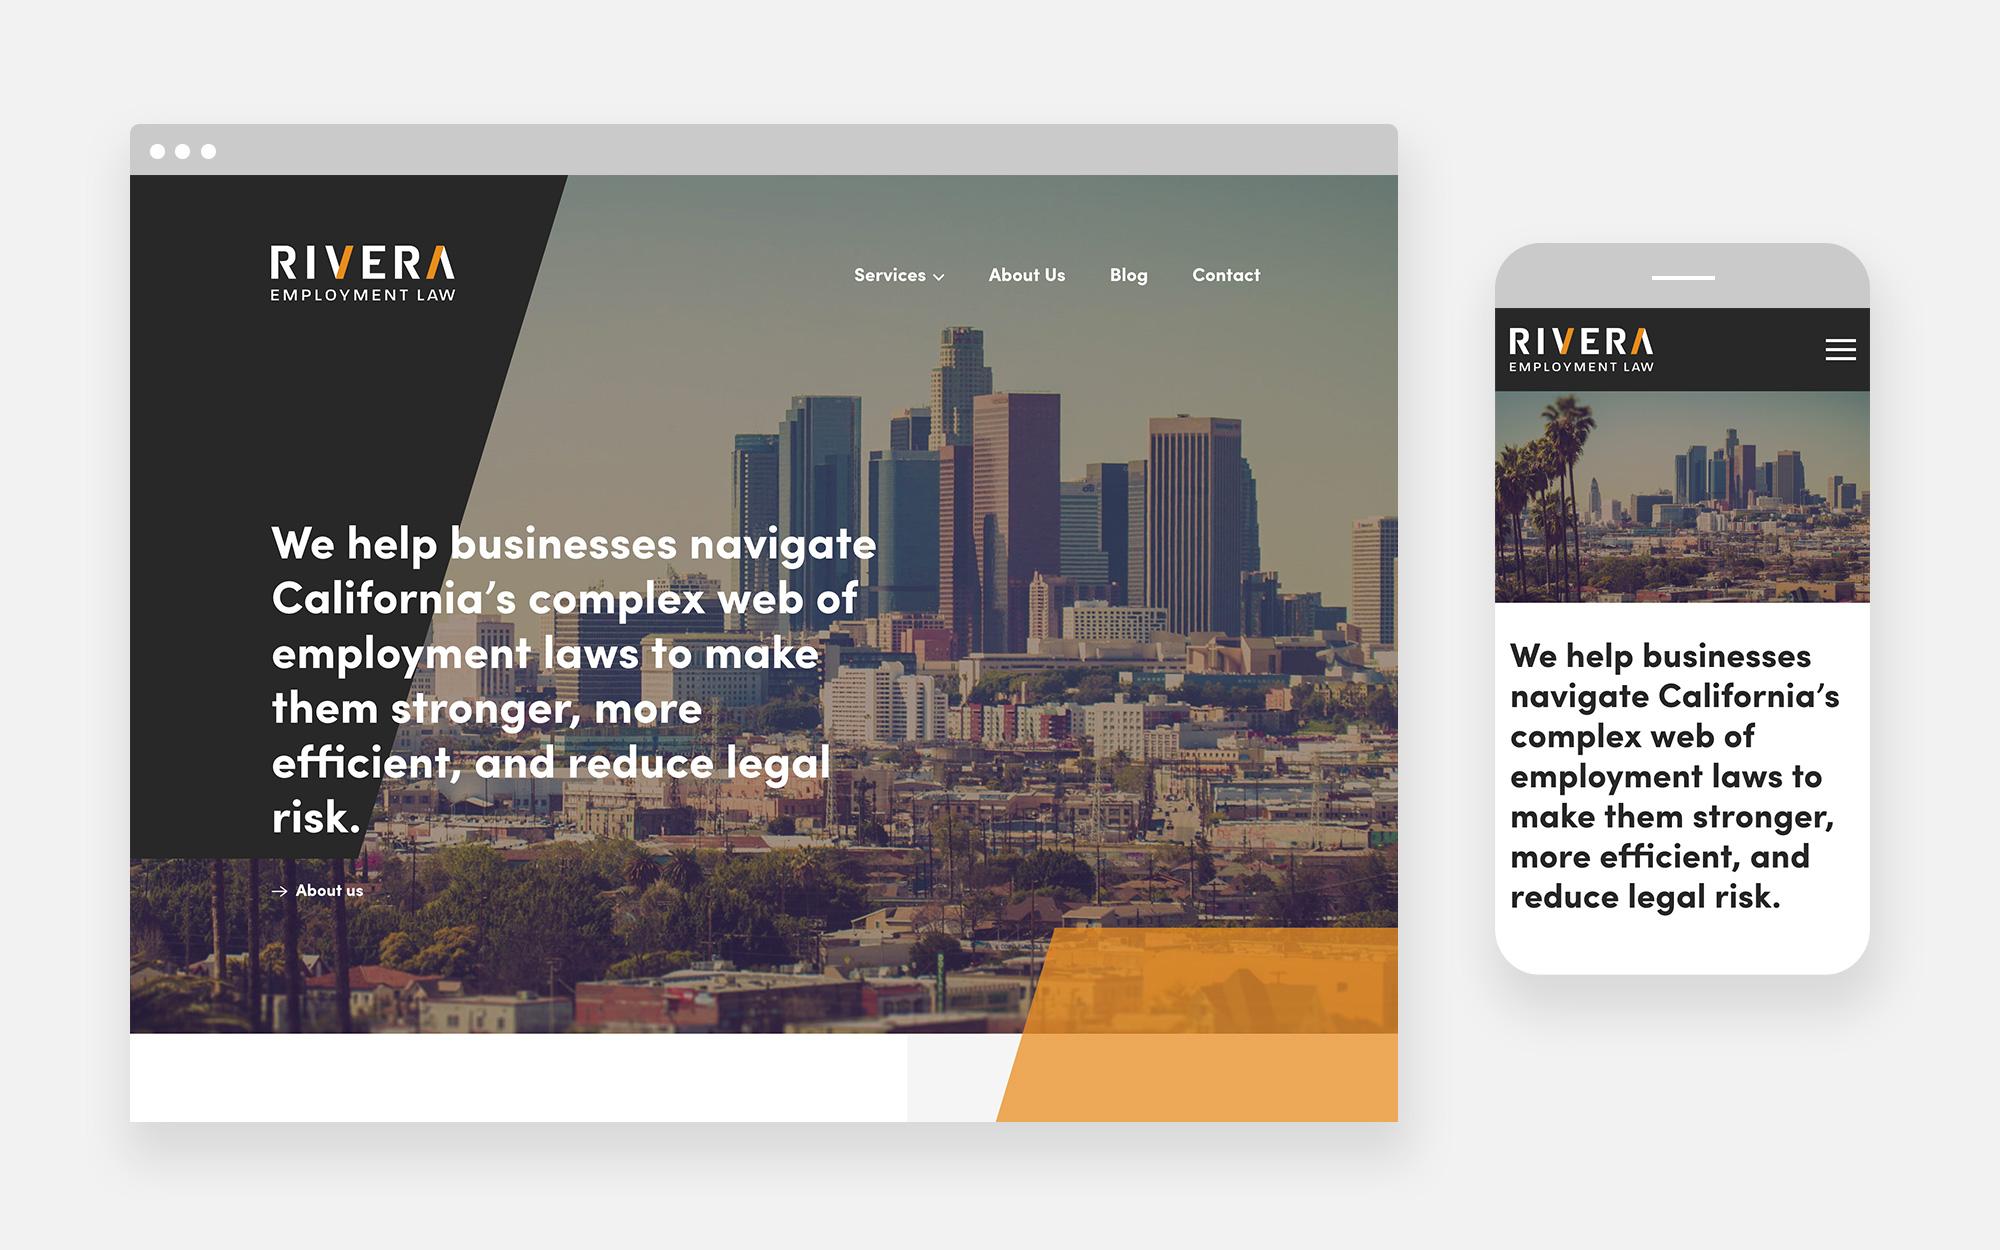 Rivera Employment Law Web Design Design 1